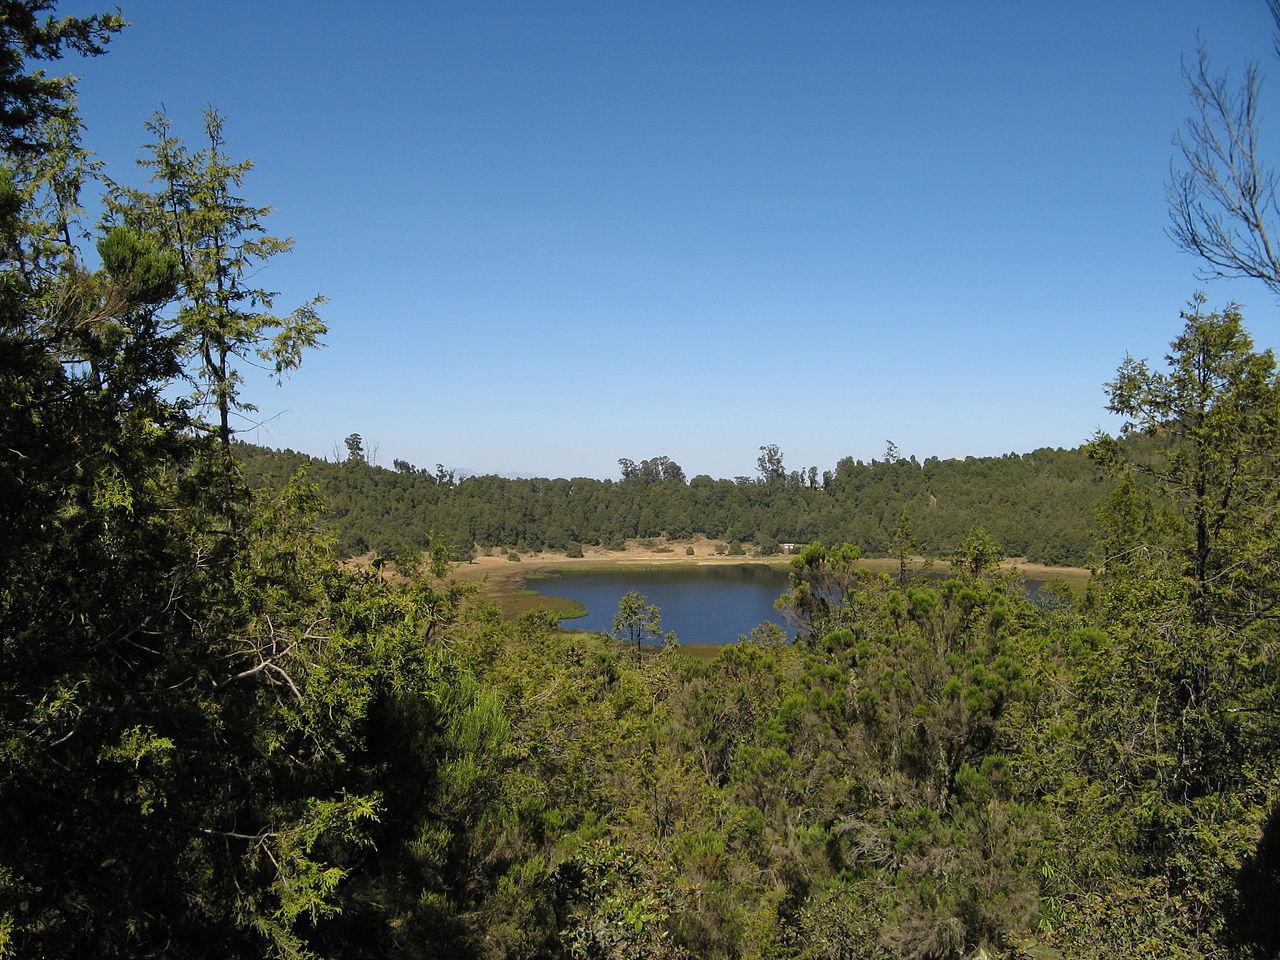 Zuquala Lake